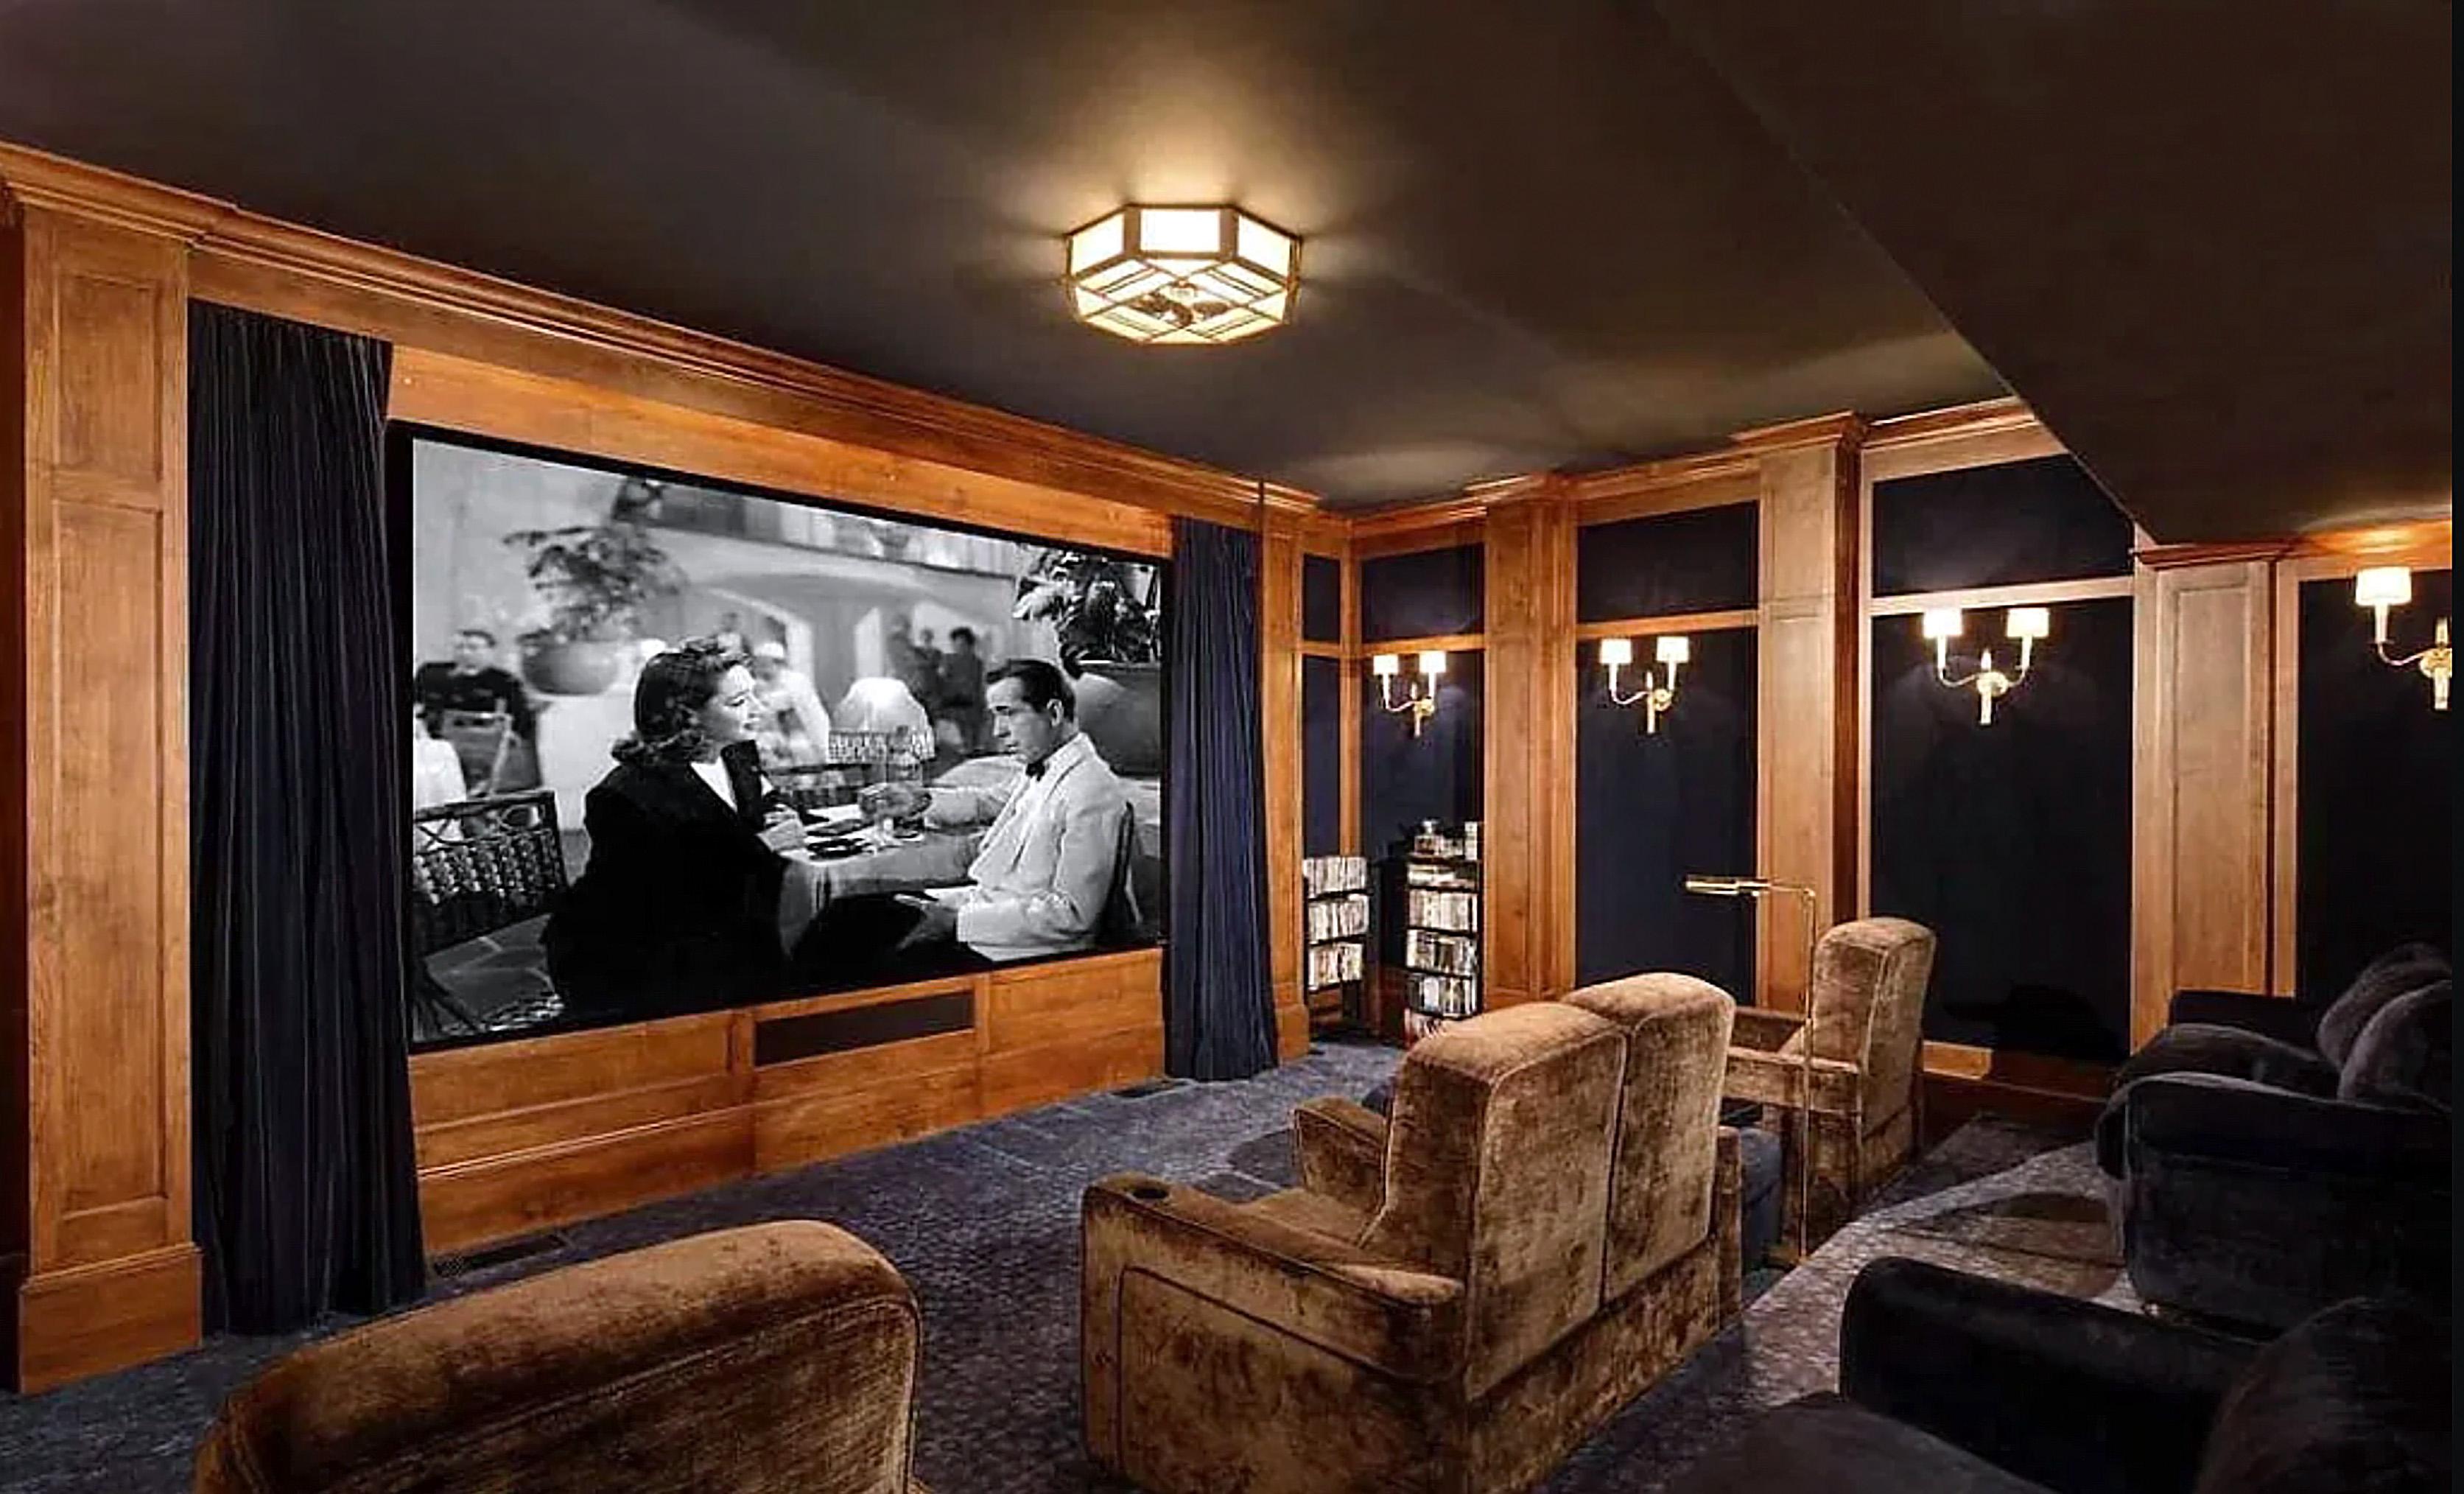 The Rock'sala de cine